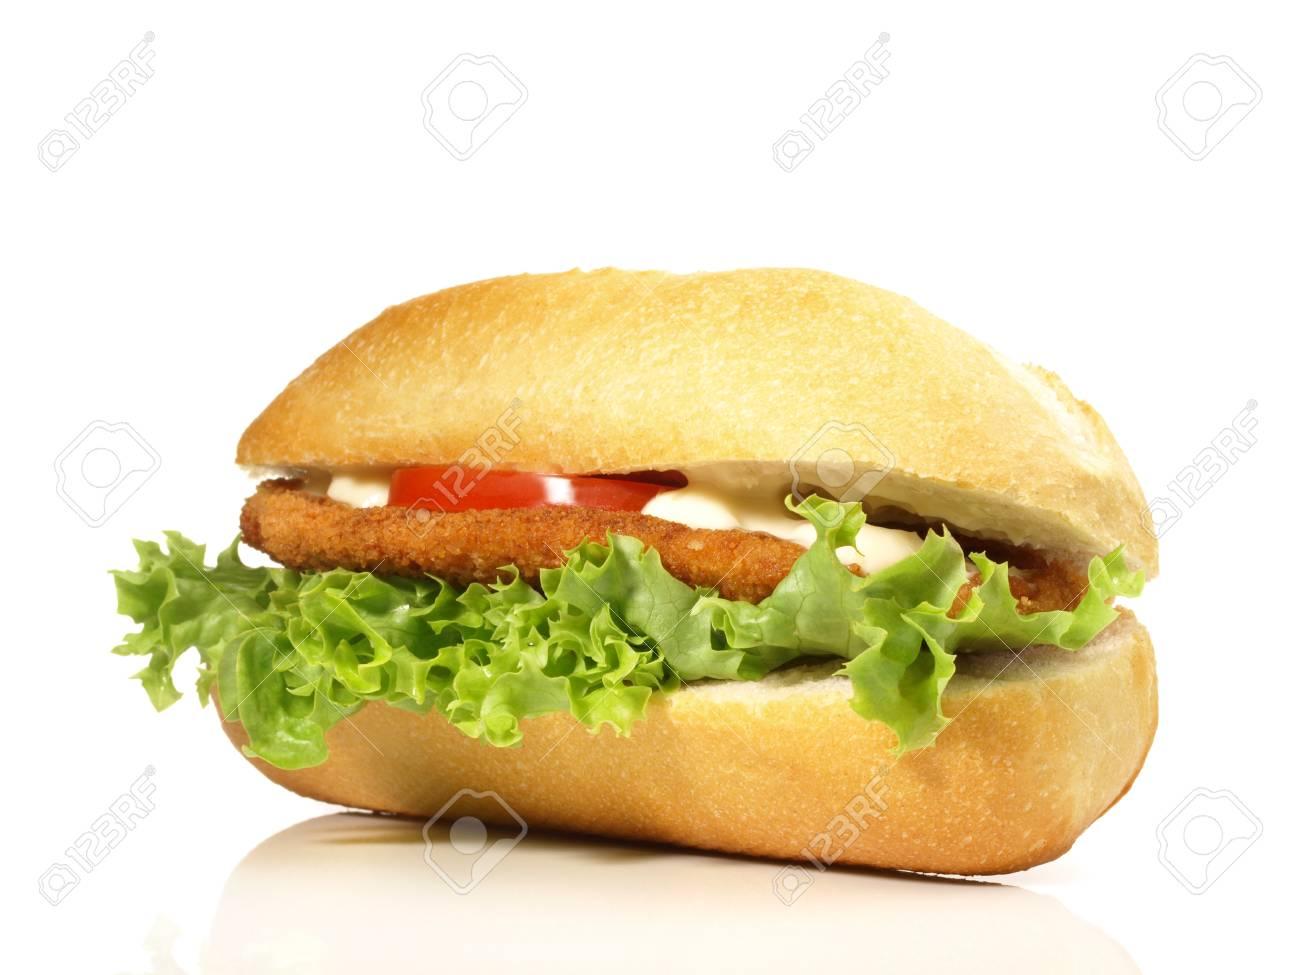 Chicken sandwich on white background - 121776509